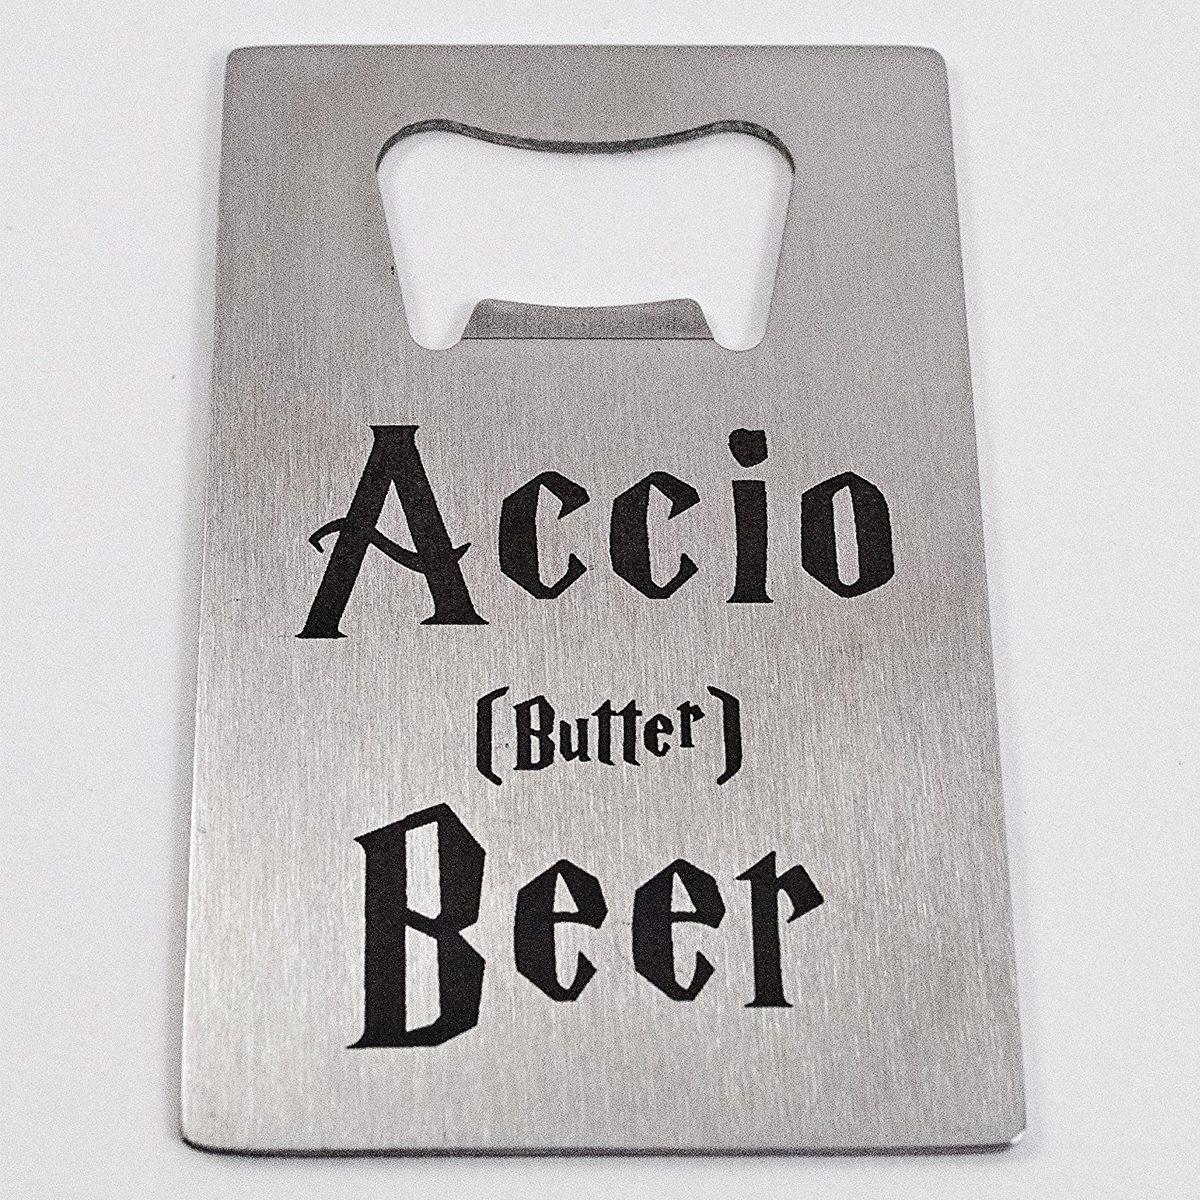 Harry Potter Accio Butterbeer bottle opener via Amazon / Light Knife Studio